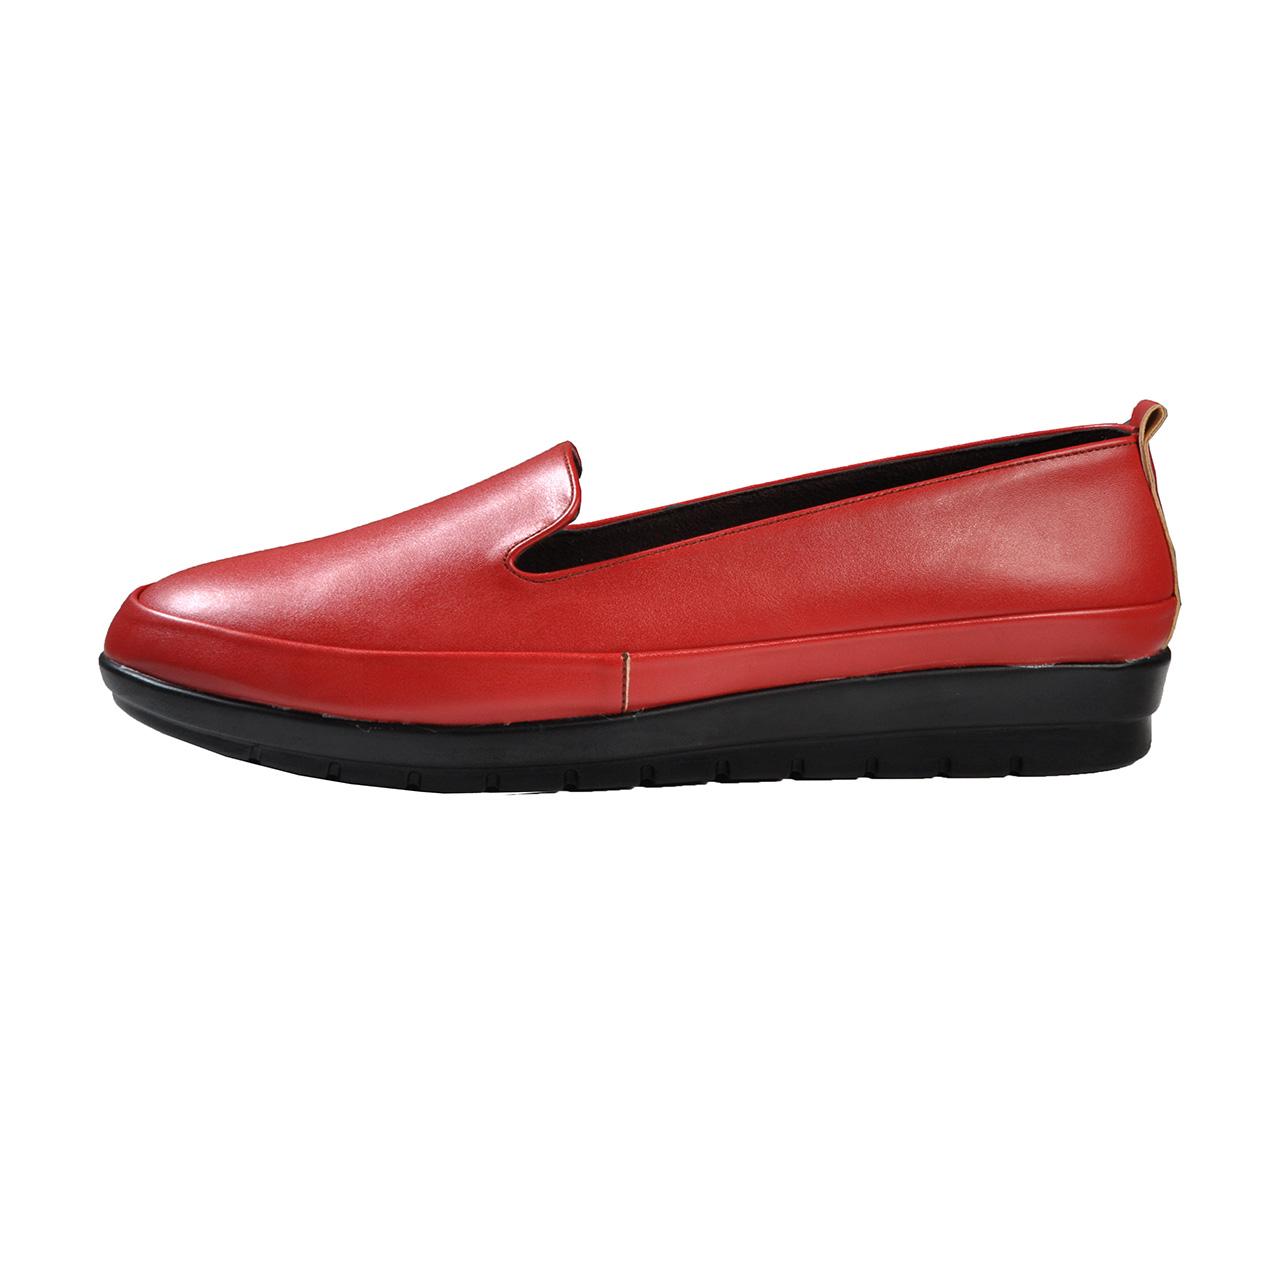 خرید کفش طبی زنانه مدل مهاجر  m112z